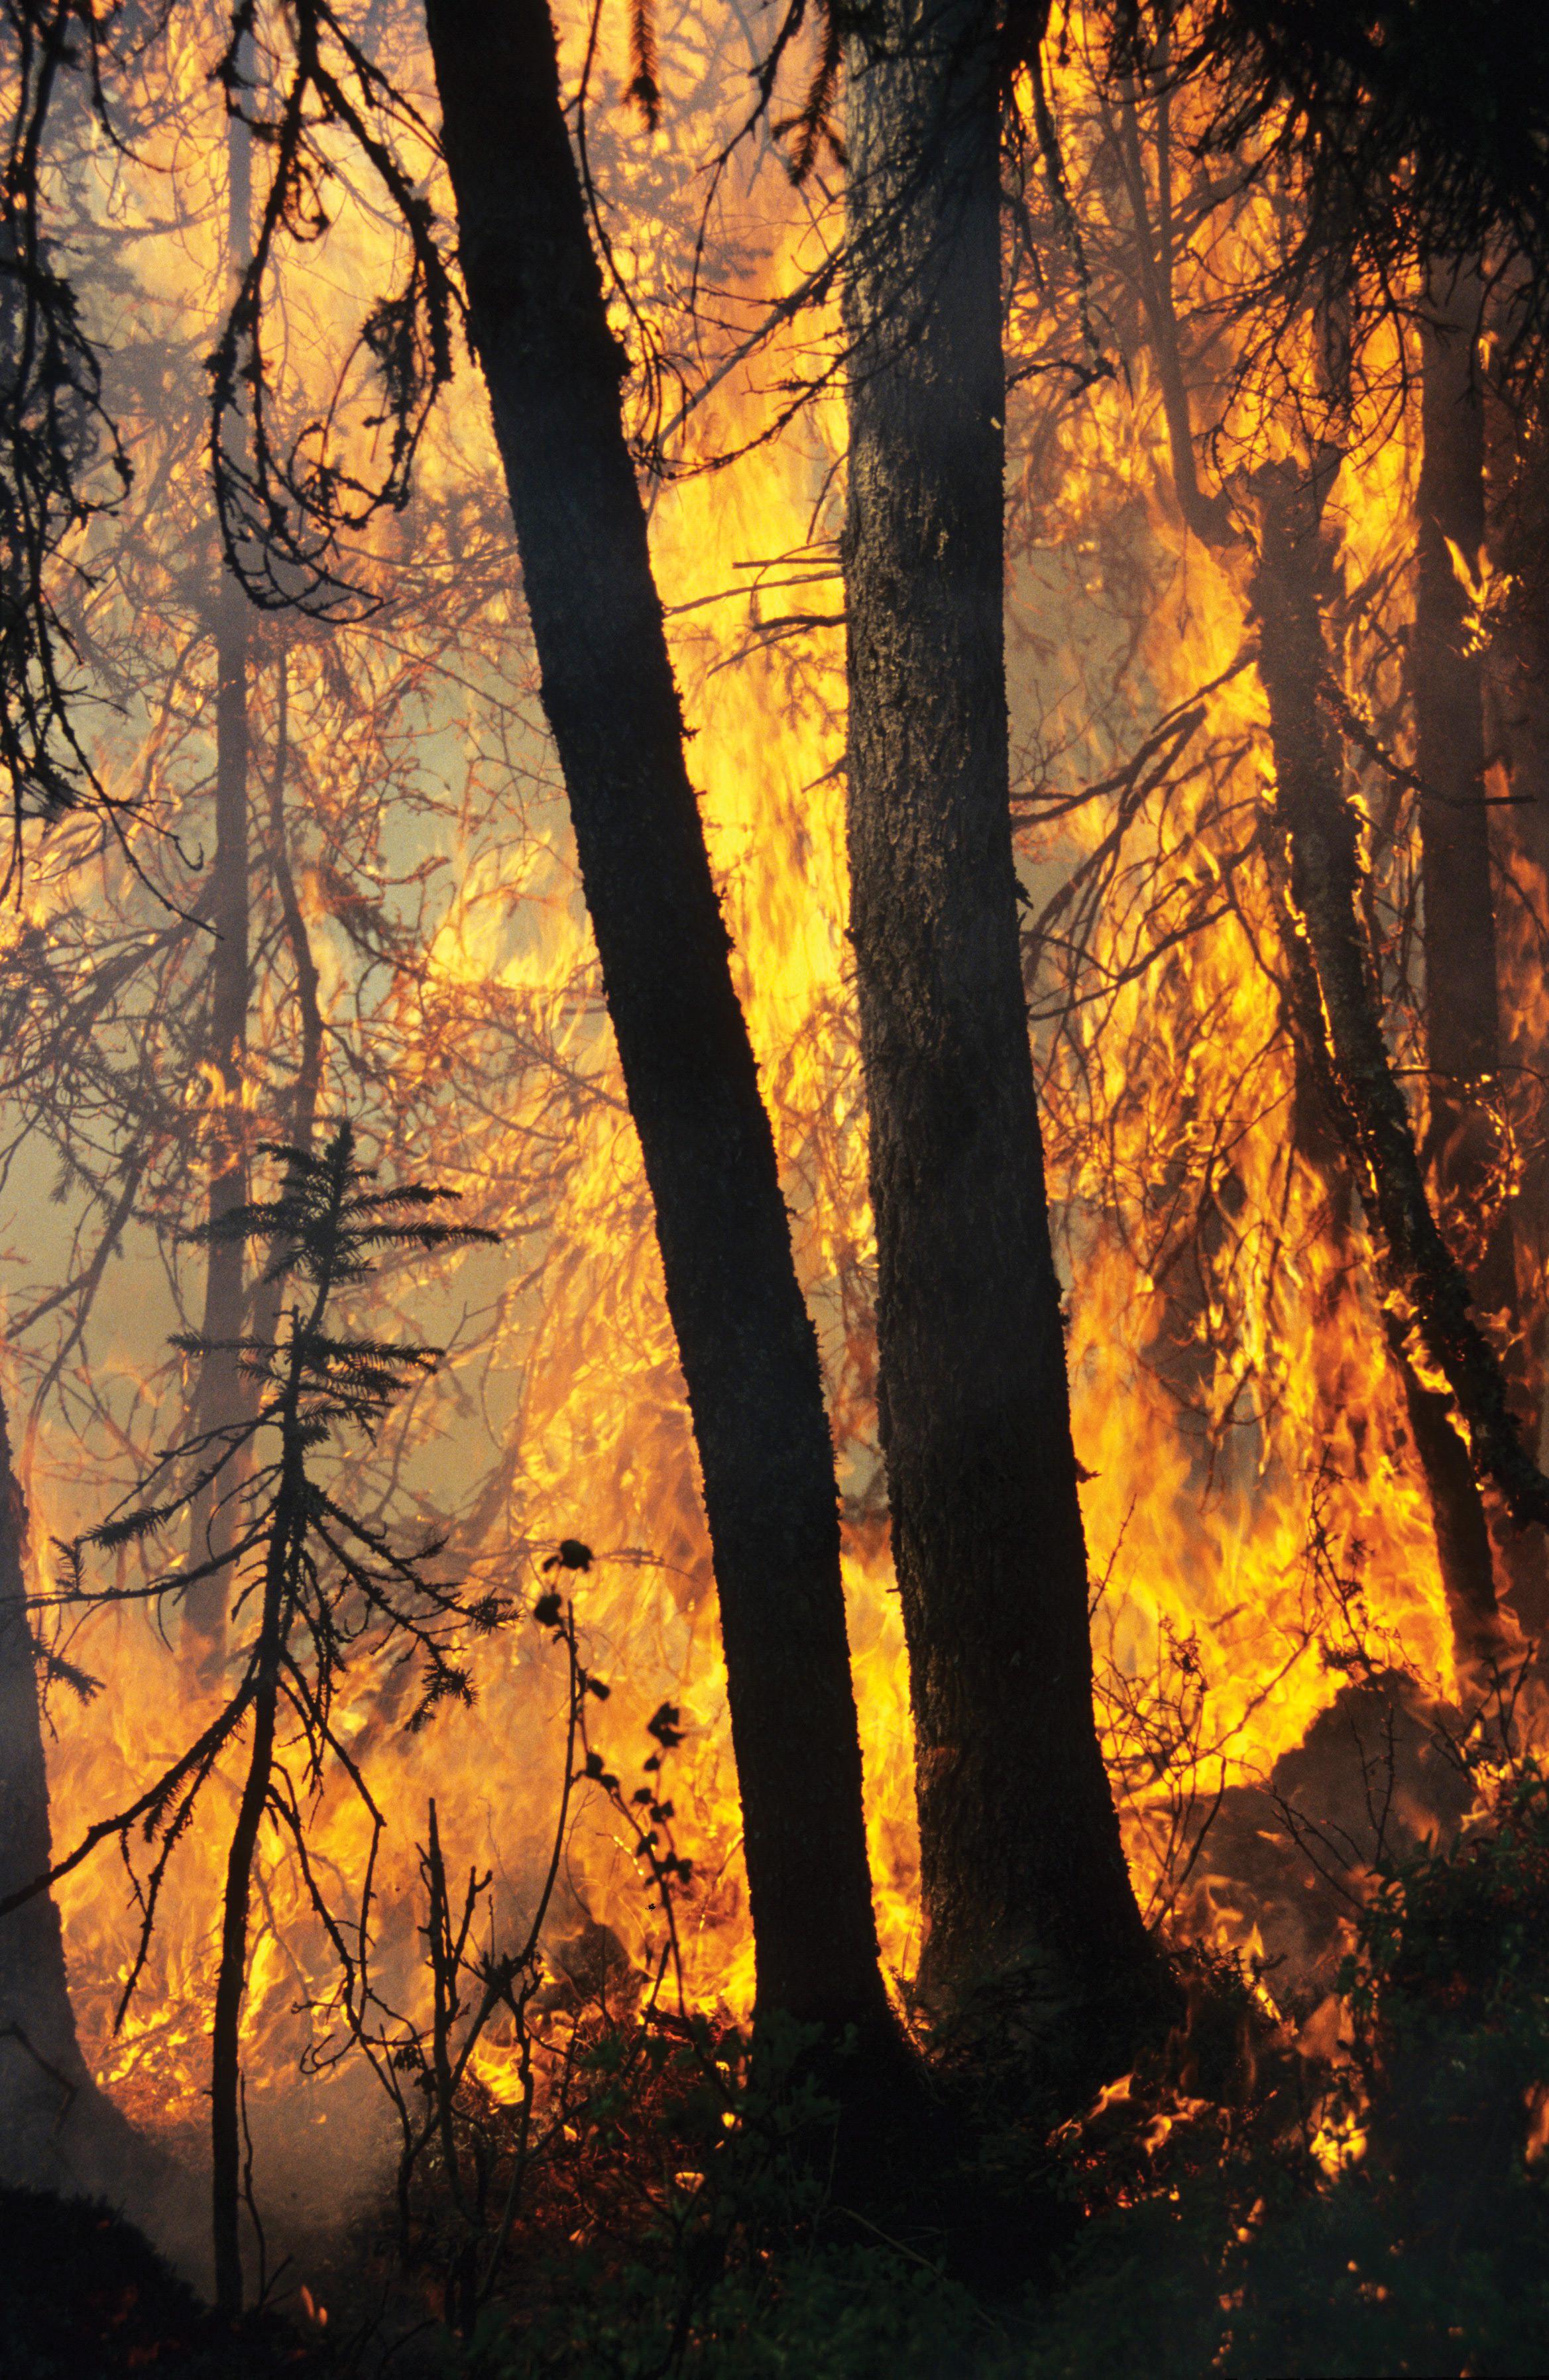 De aller fleste skogbranner skyldes menneskelig aktivitet, mens lynnedslag er den viktigste årsaken til naturlige skogbranner. Foto: Ken Olaf Storaunet,NIBIO